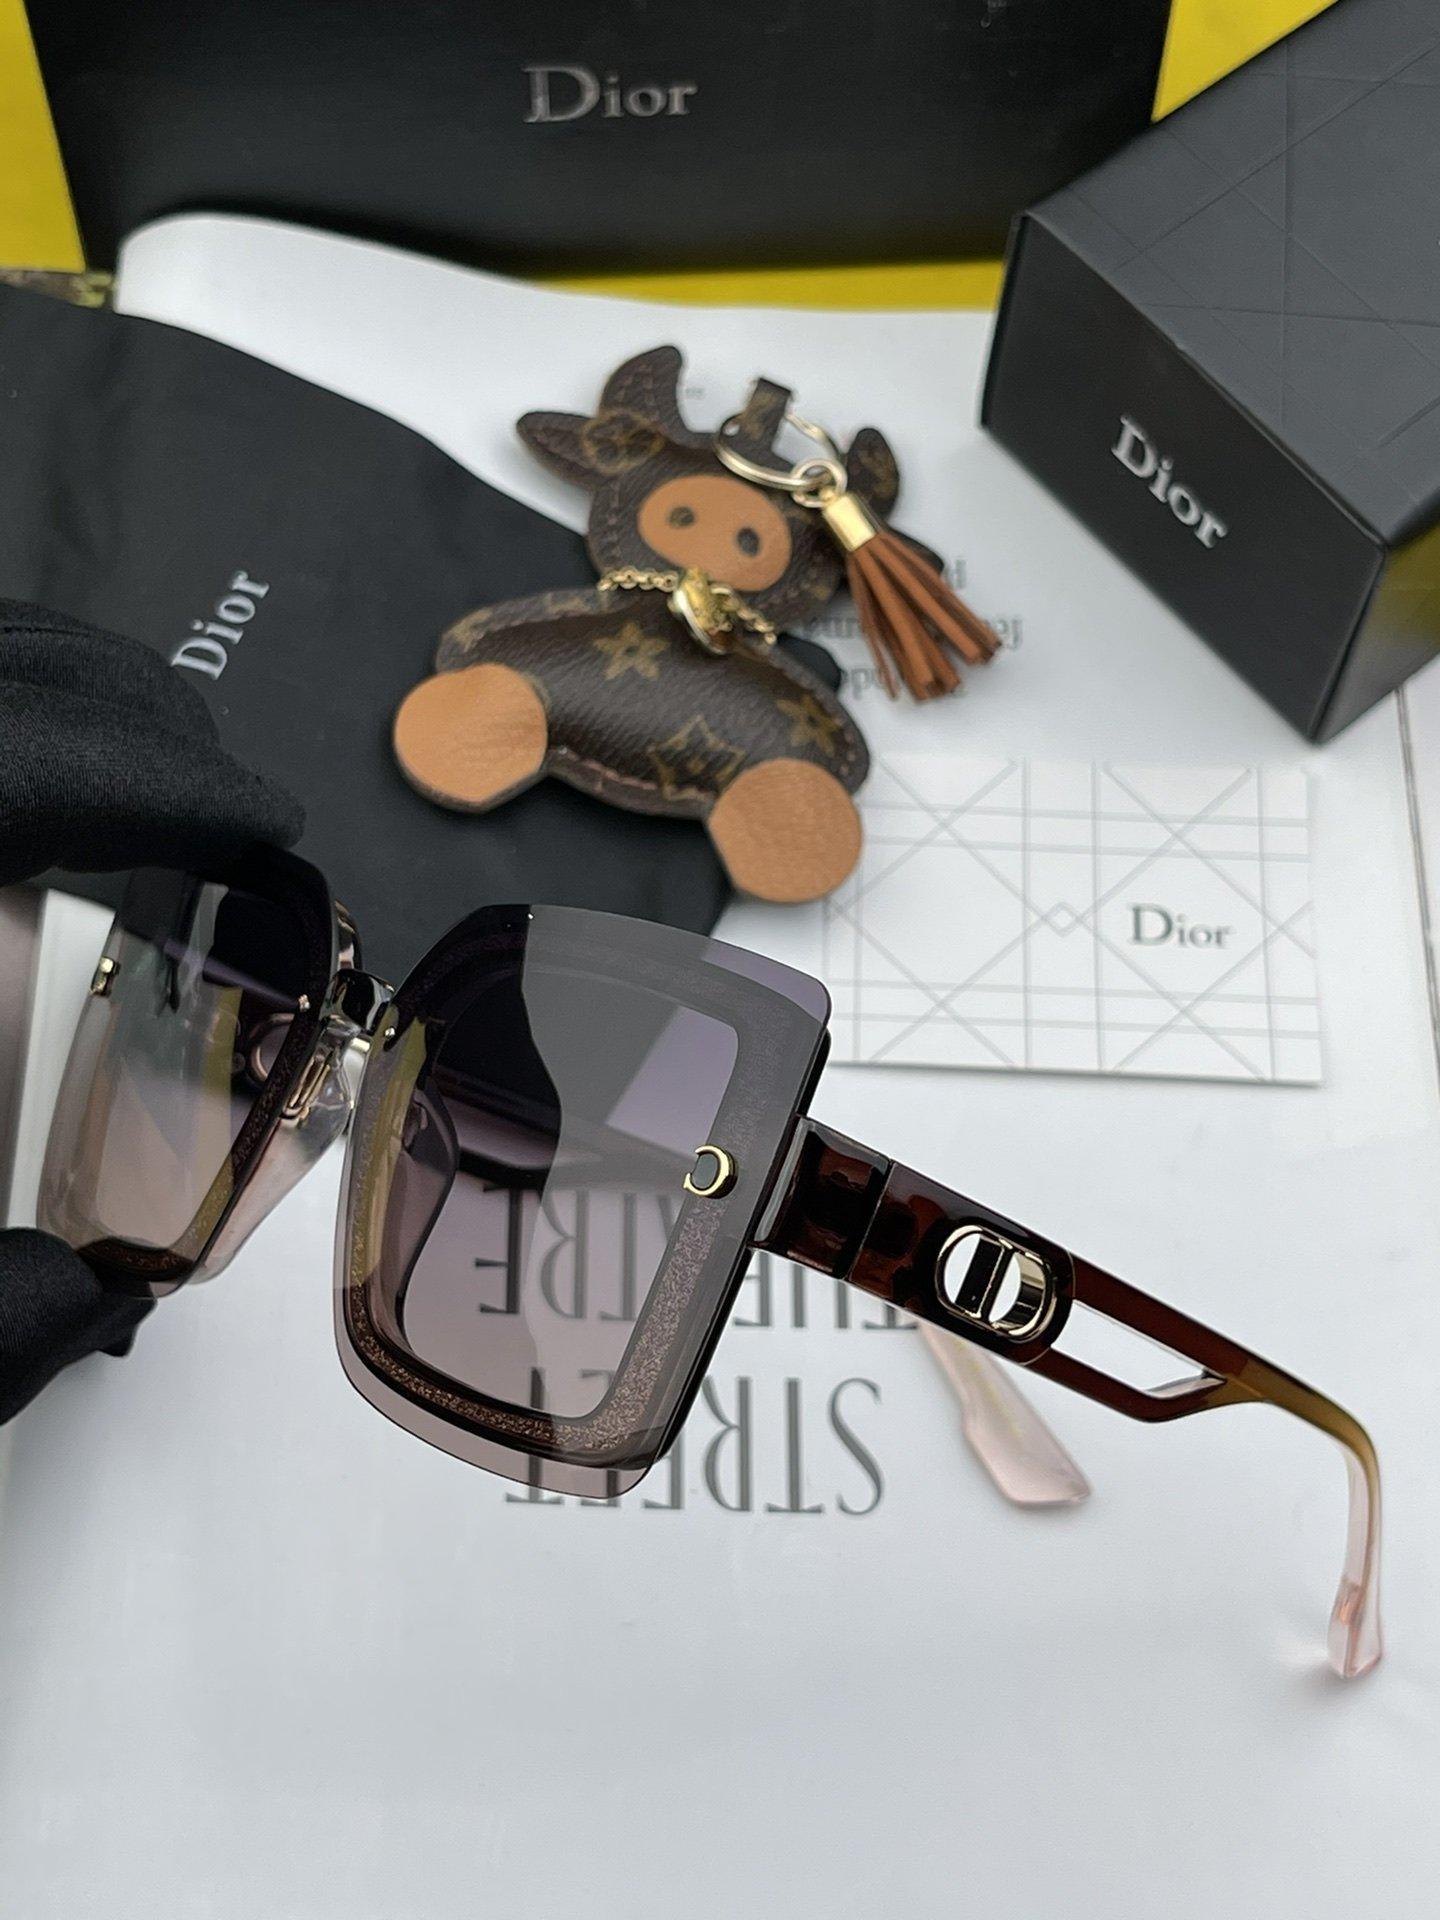 Dior2021新款偏光太阳镜款式多